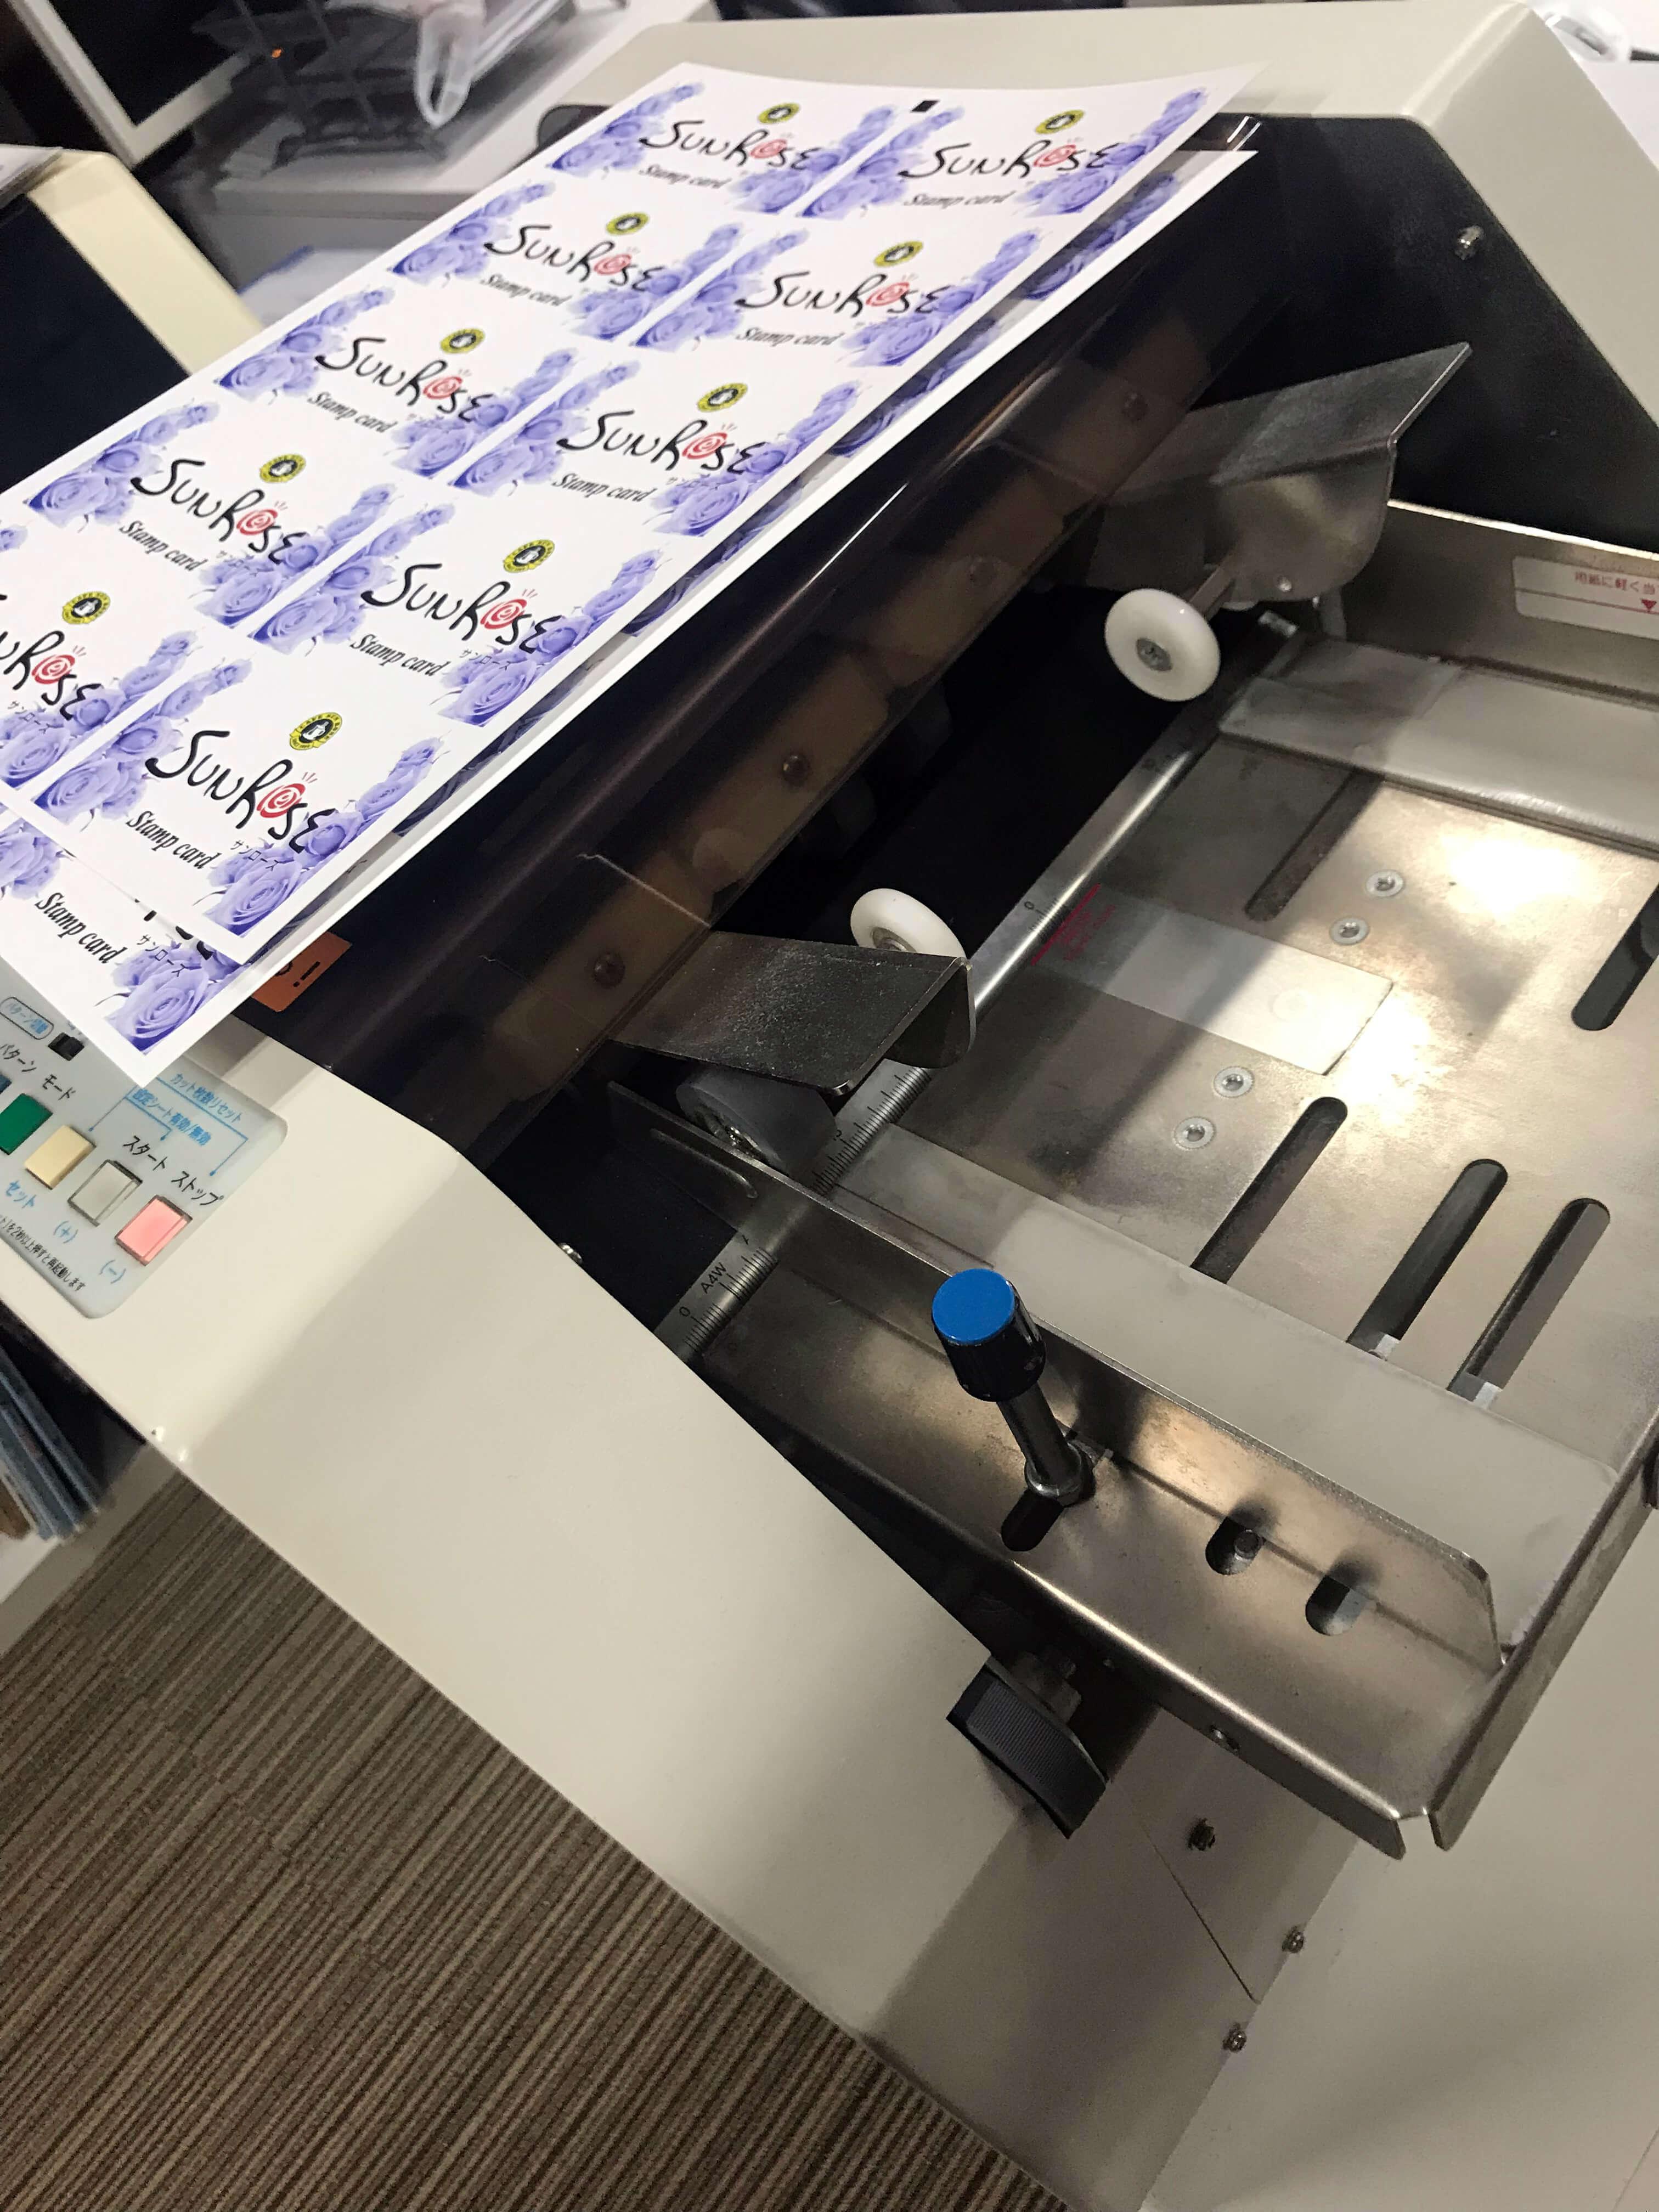 img2 - 看板だけじゃない!名刺・封筒・はがき・チケット・色々な販促品を作っているのでご紹介!